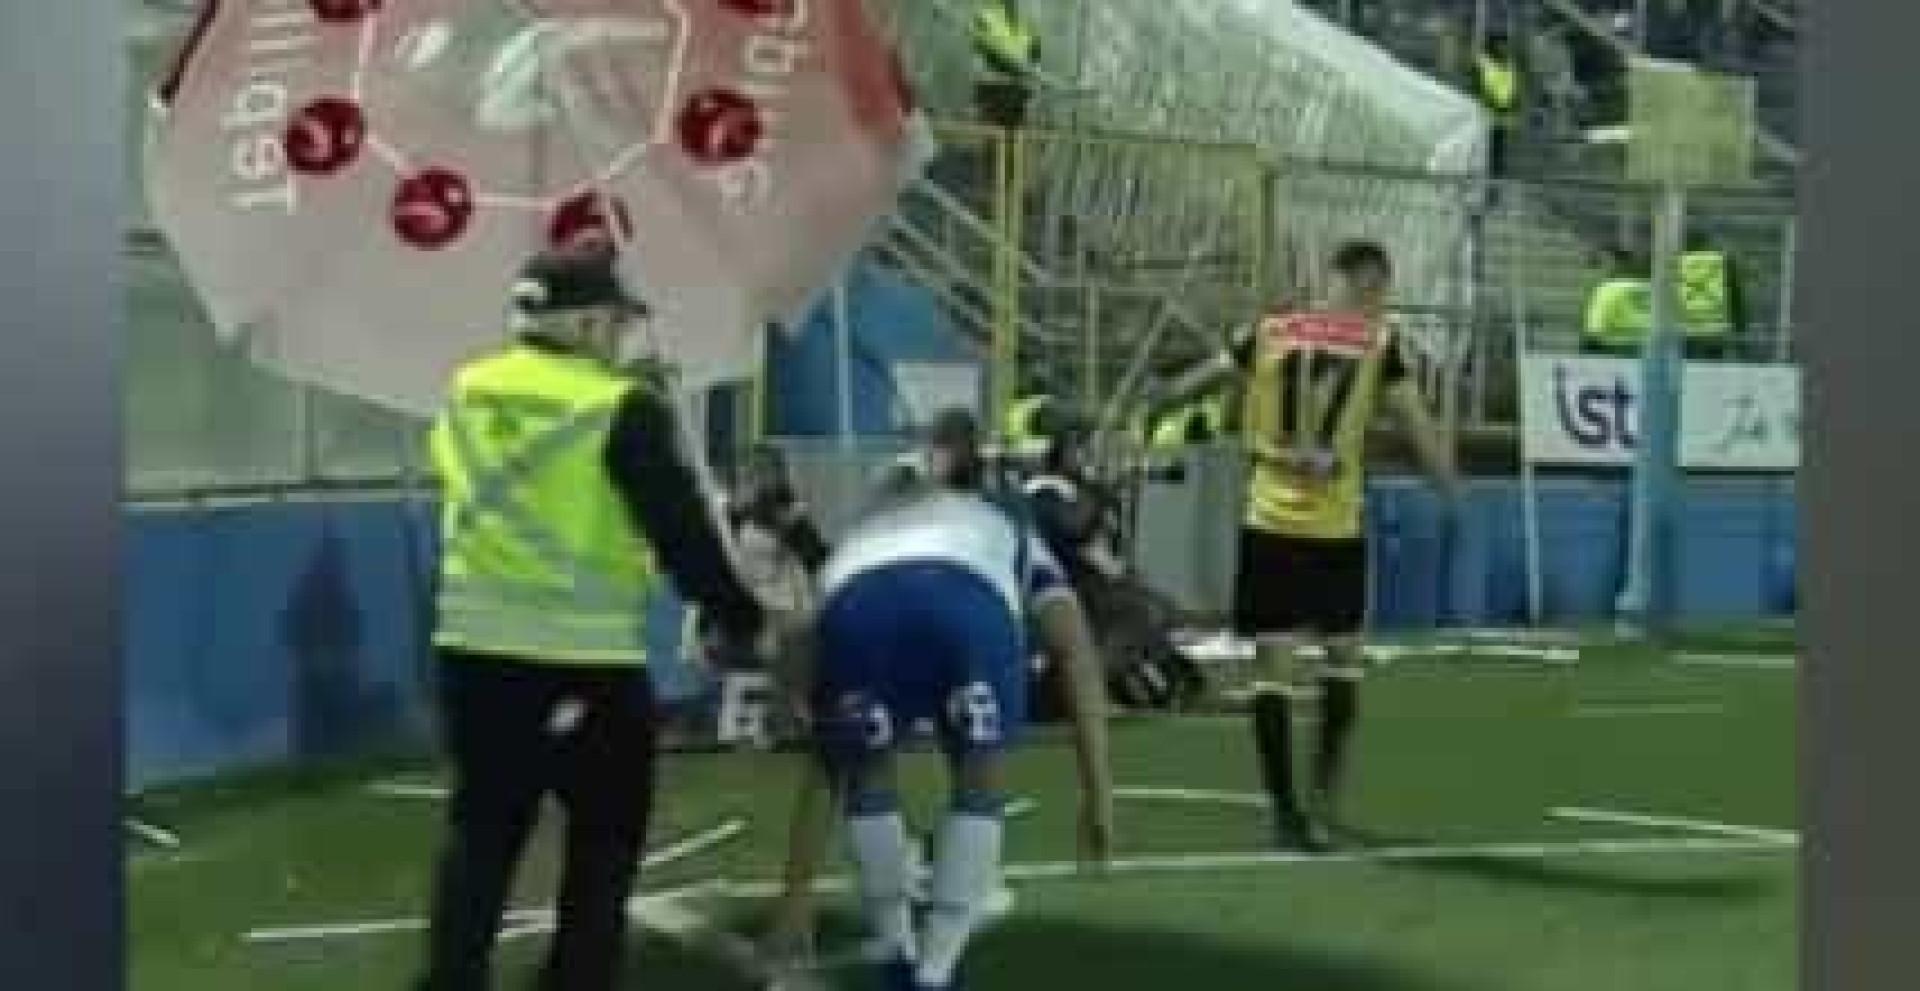 Jogador a ser atacado das bancadas e steward protege-o com.. guarda-sol